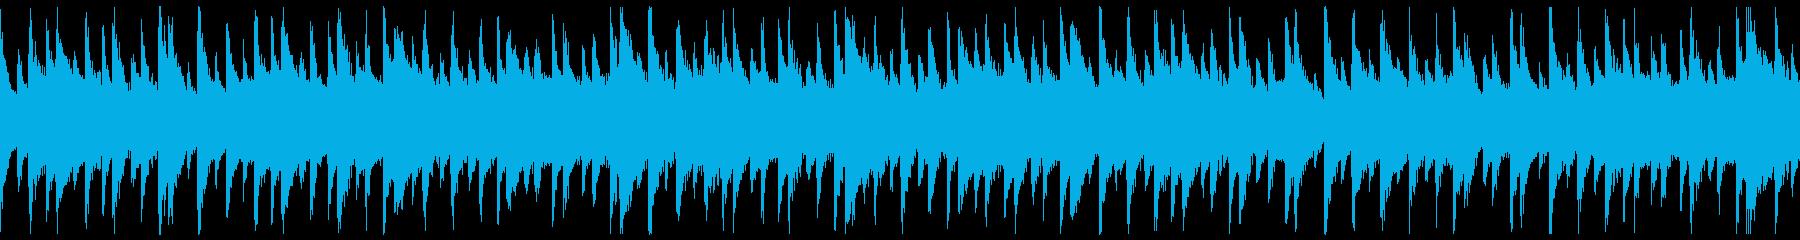 西アフリカ リュート型弦楽器 スローの再生済みの波形